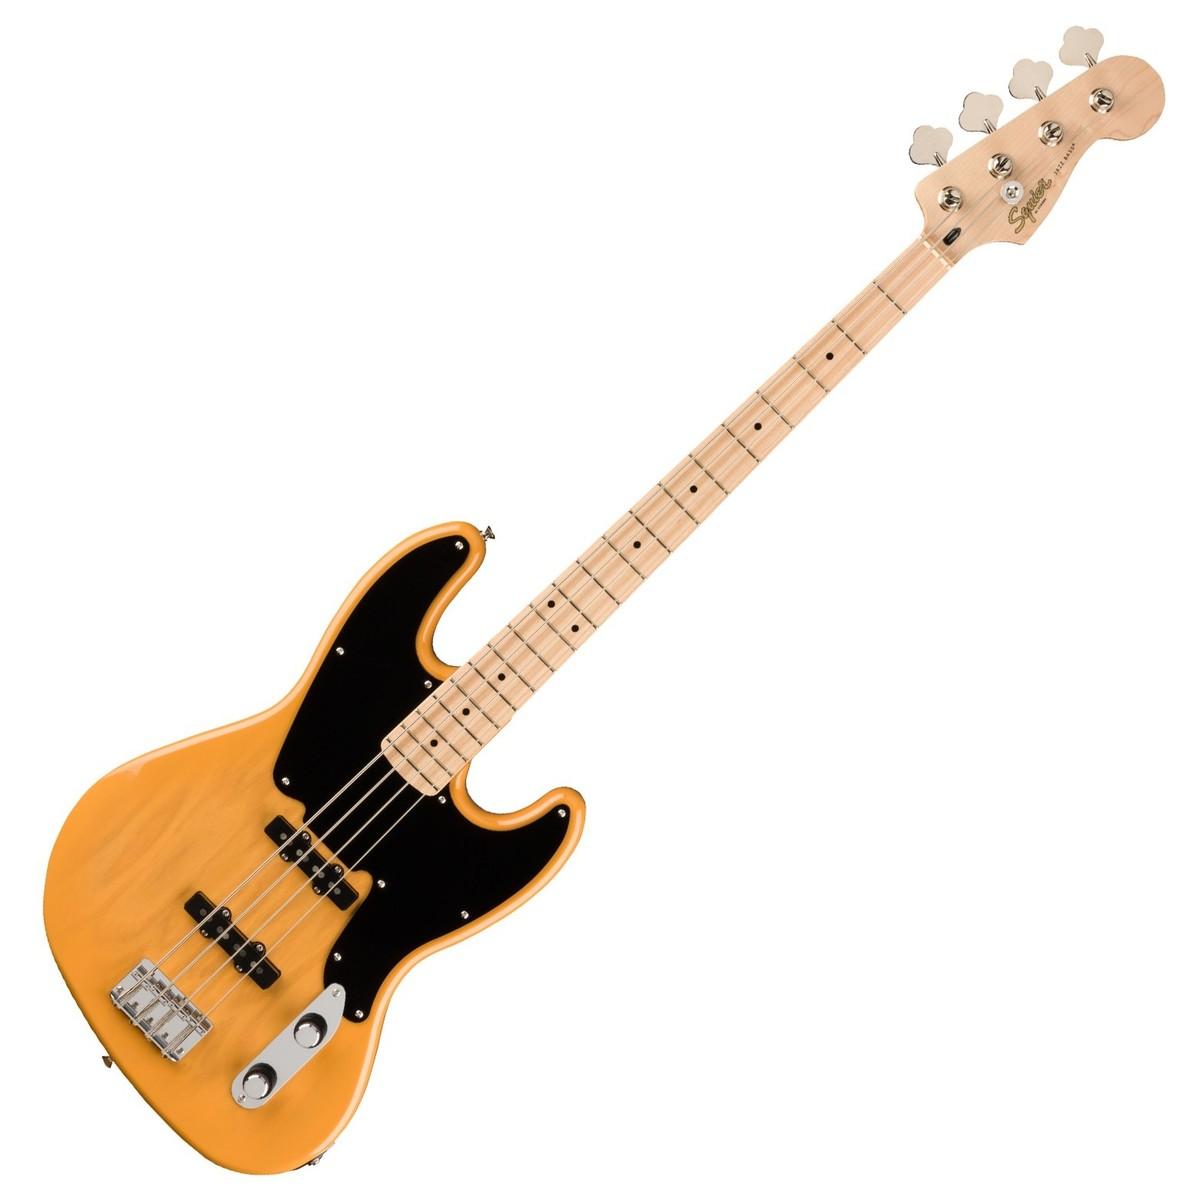 Squier Paranormal Jazz Bass '54, Butterscotch Blonde